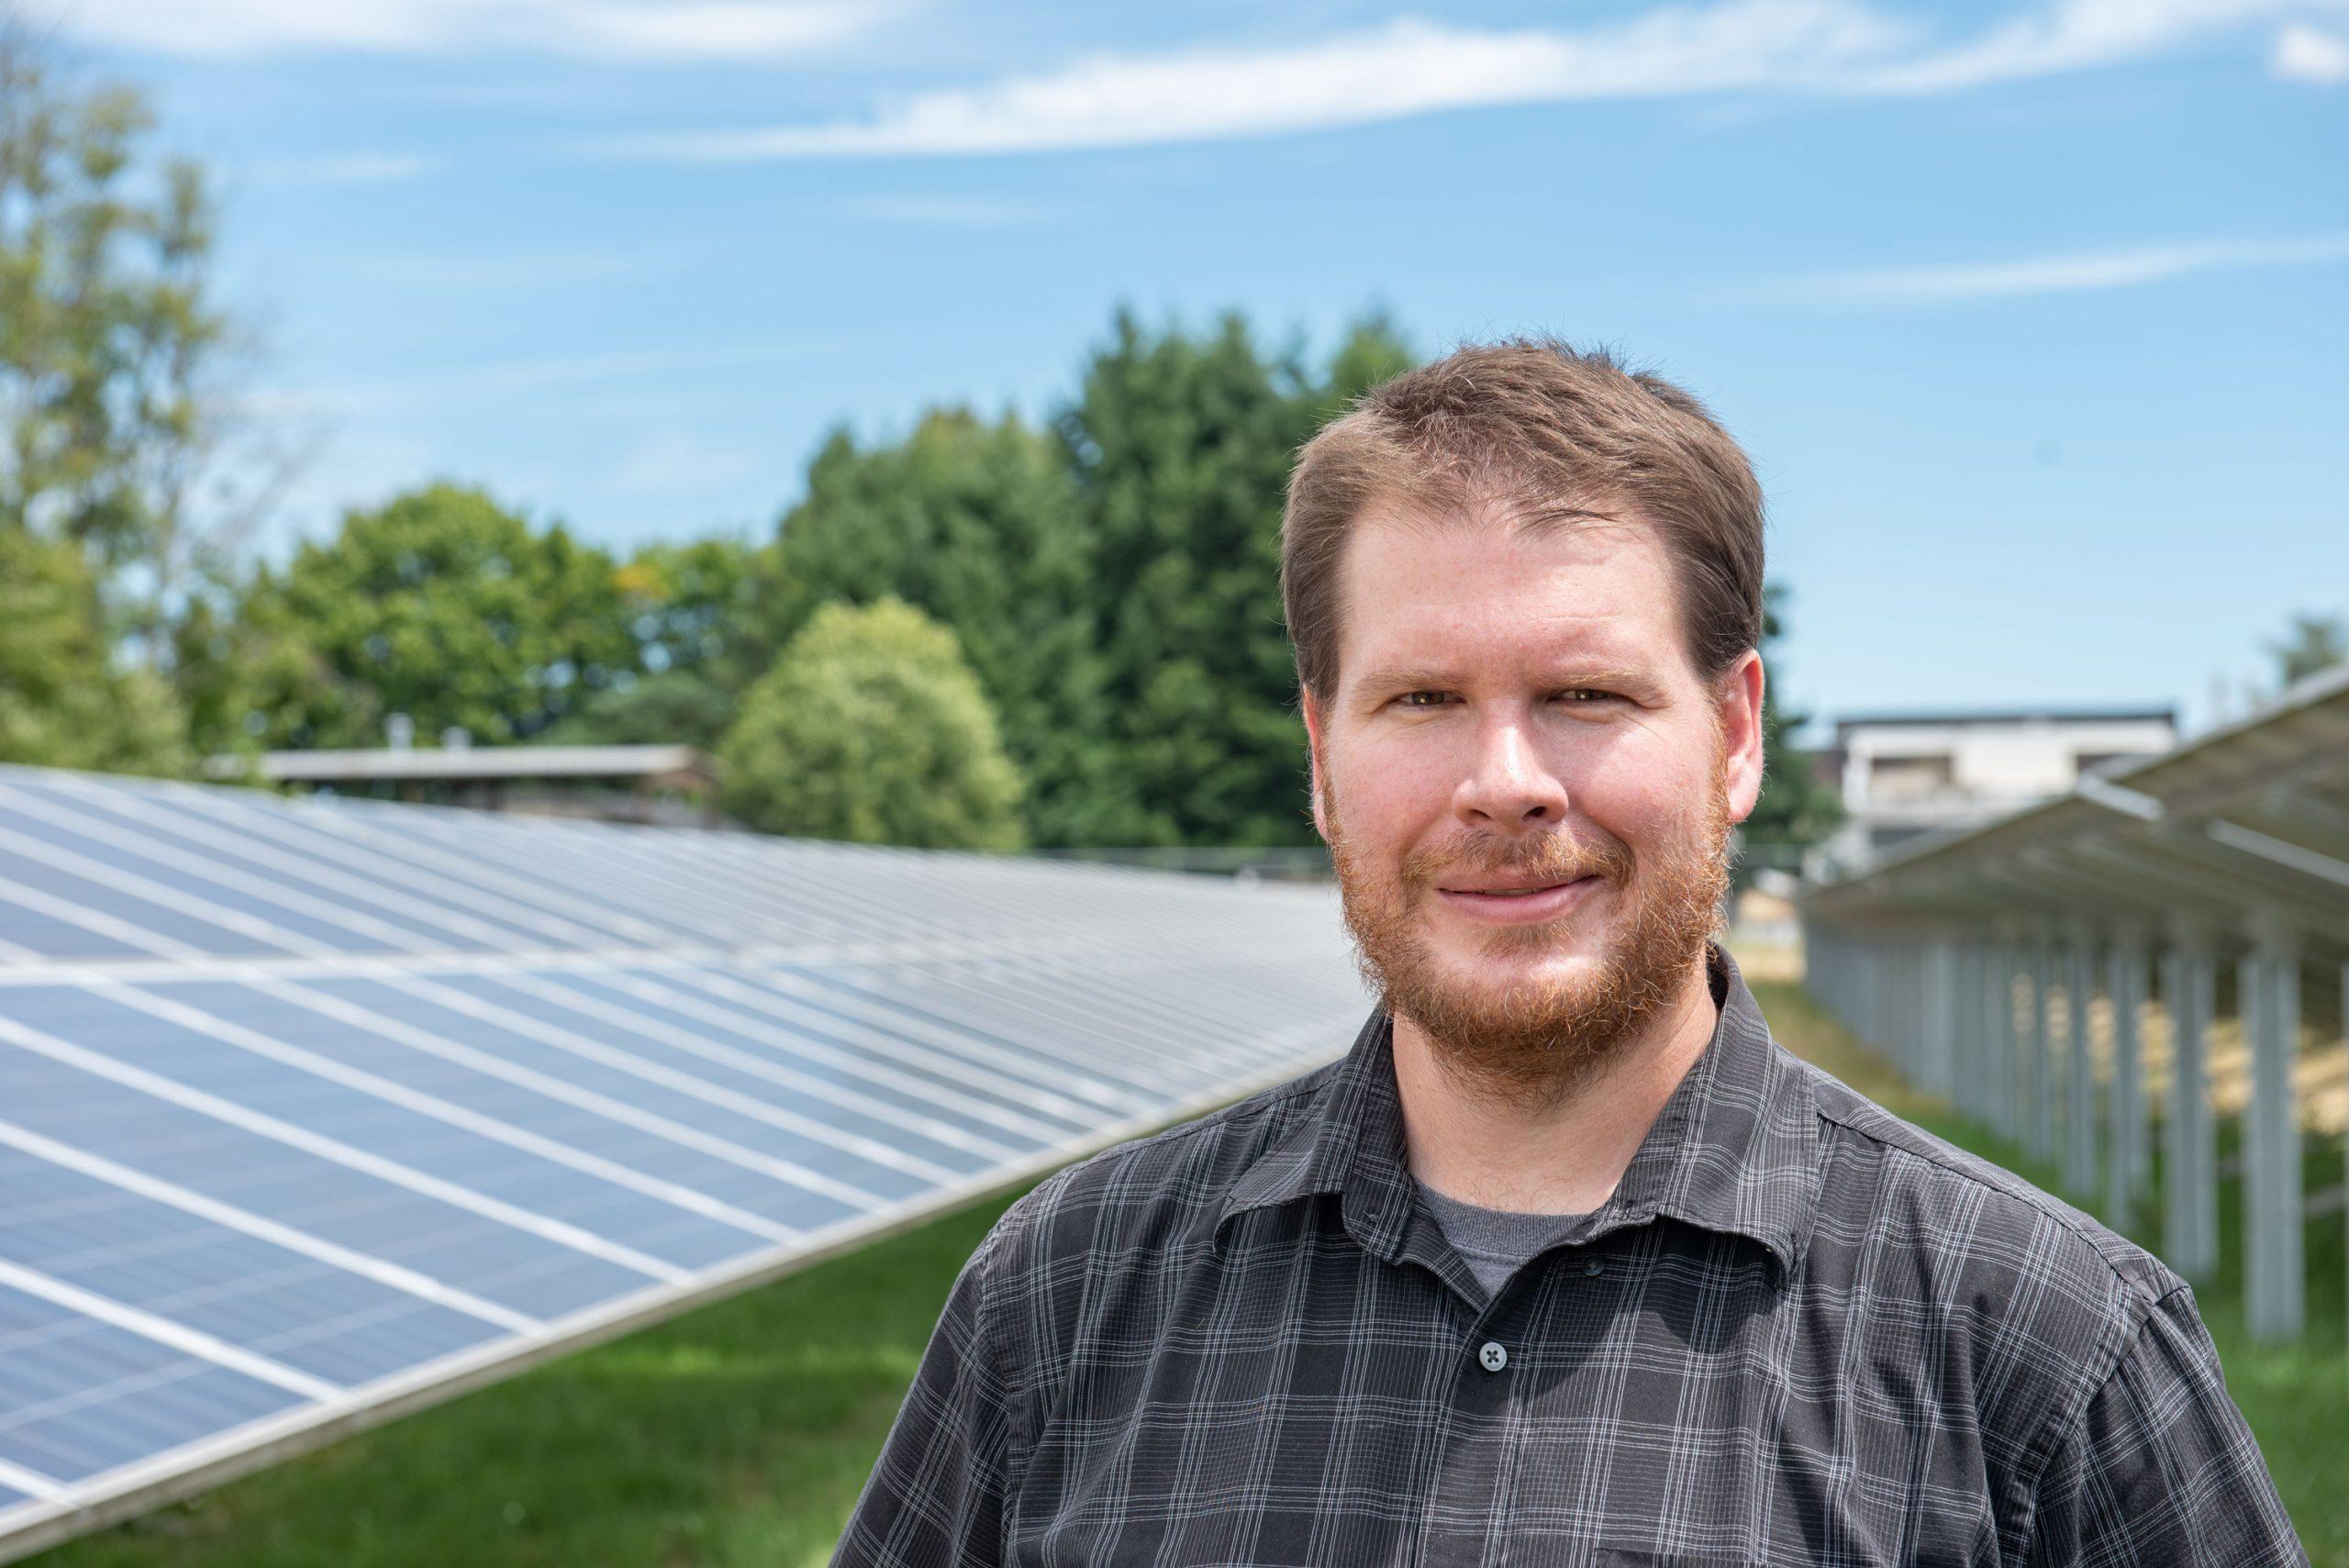 Agrivoltaik: Strom vom Feld kann 20 Prozent des Strombedarfs decken